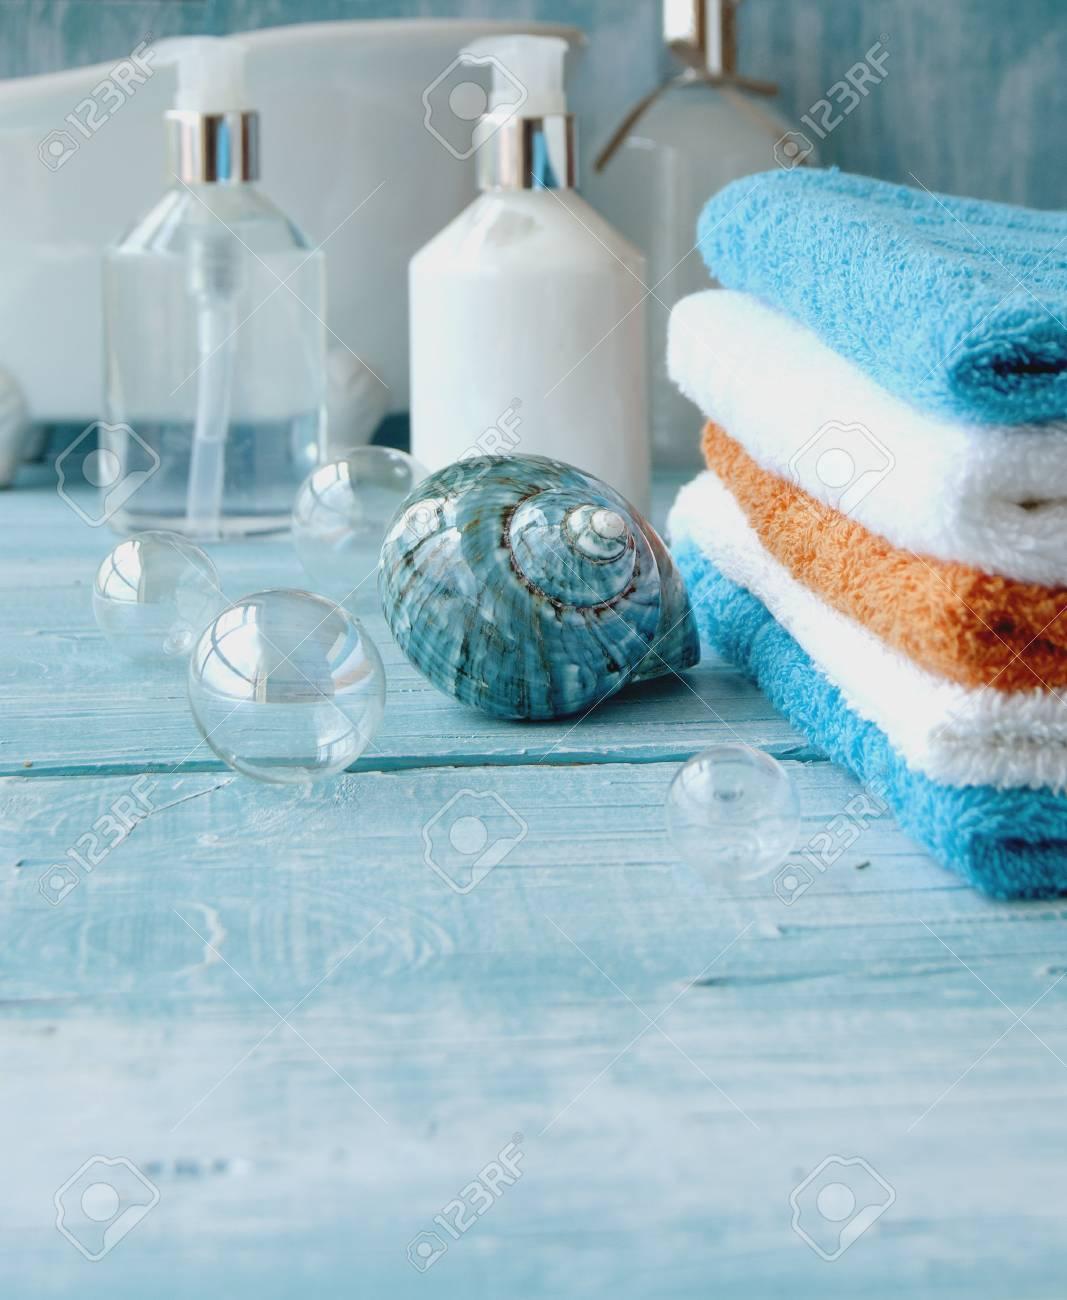 Accessori Per Bagno Colorati.Pila Di Asciugamani Colorati Sul Tavolo Accessori Per Il Bagno